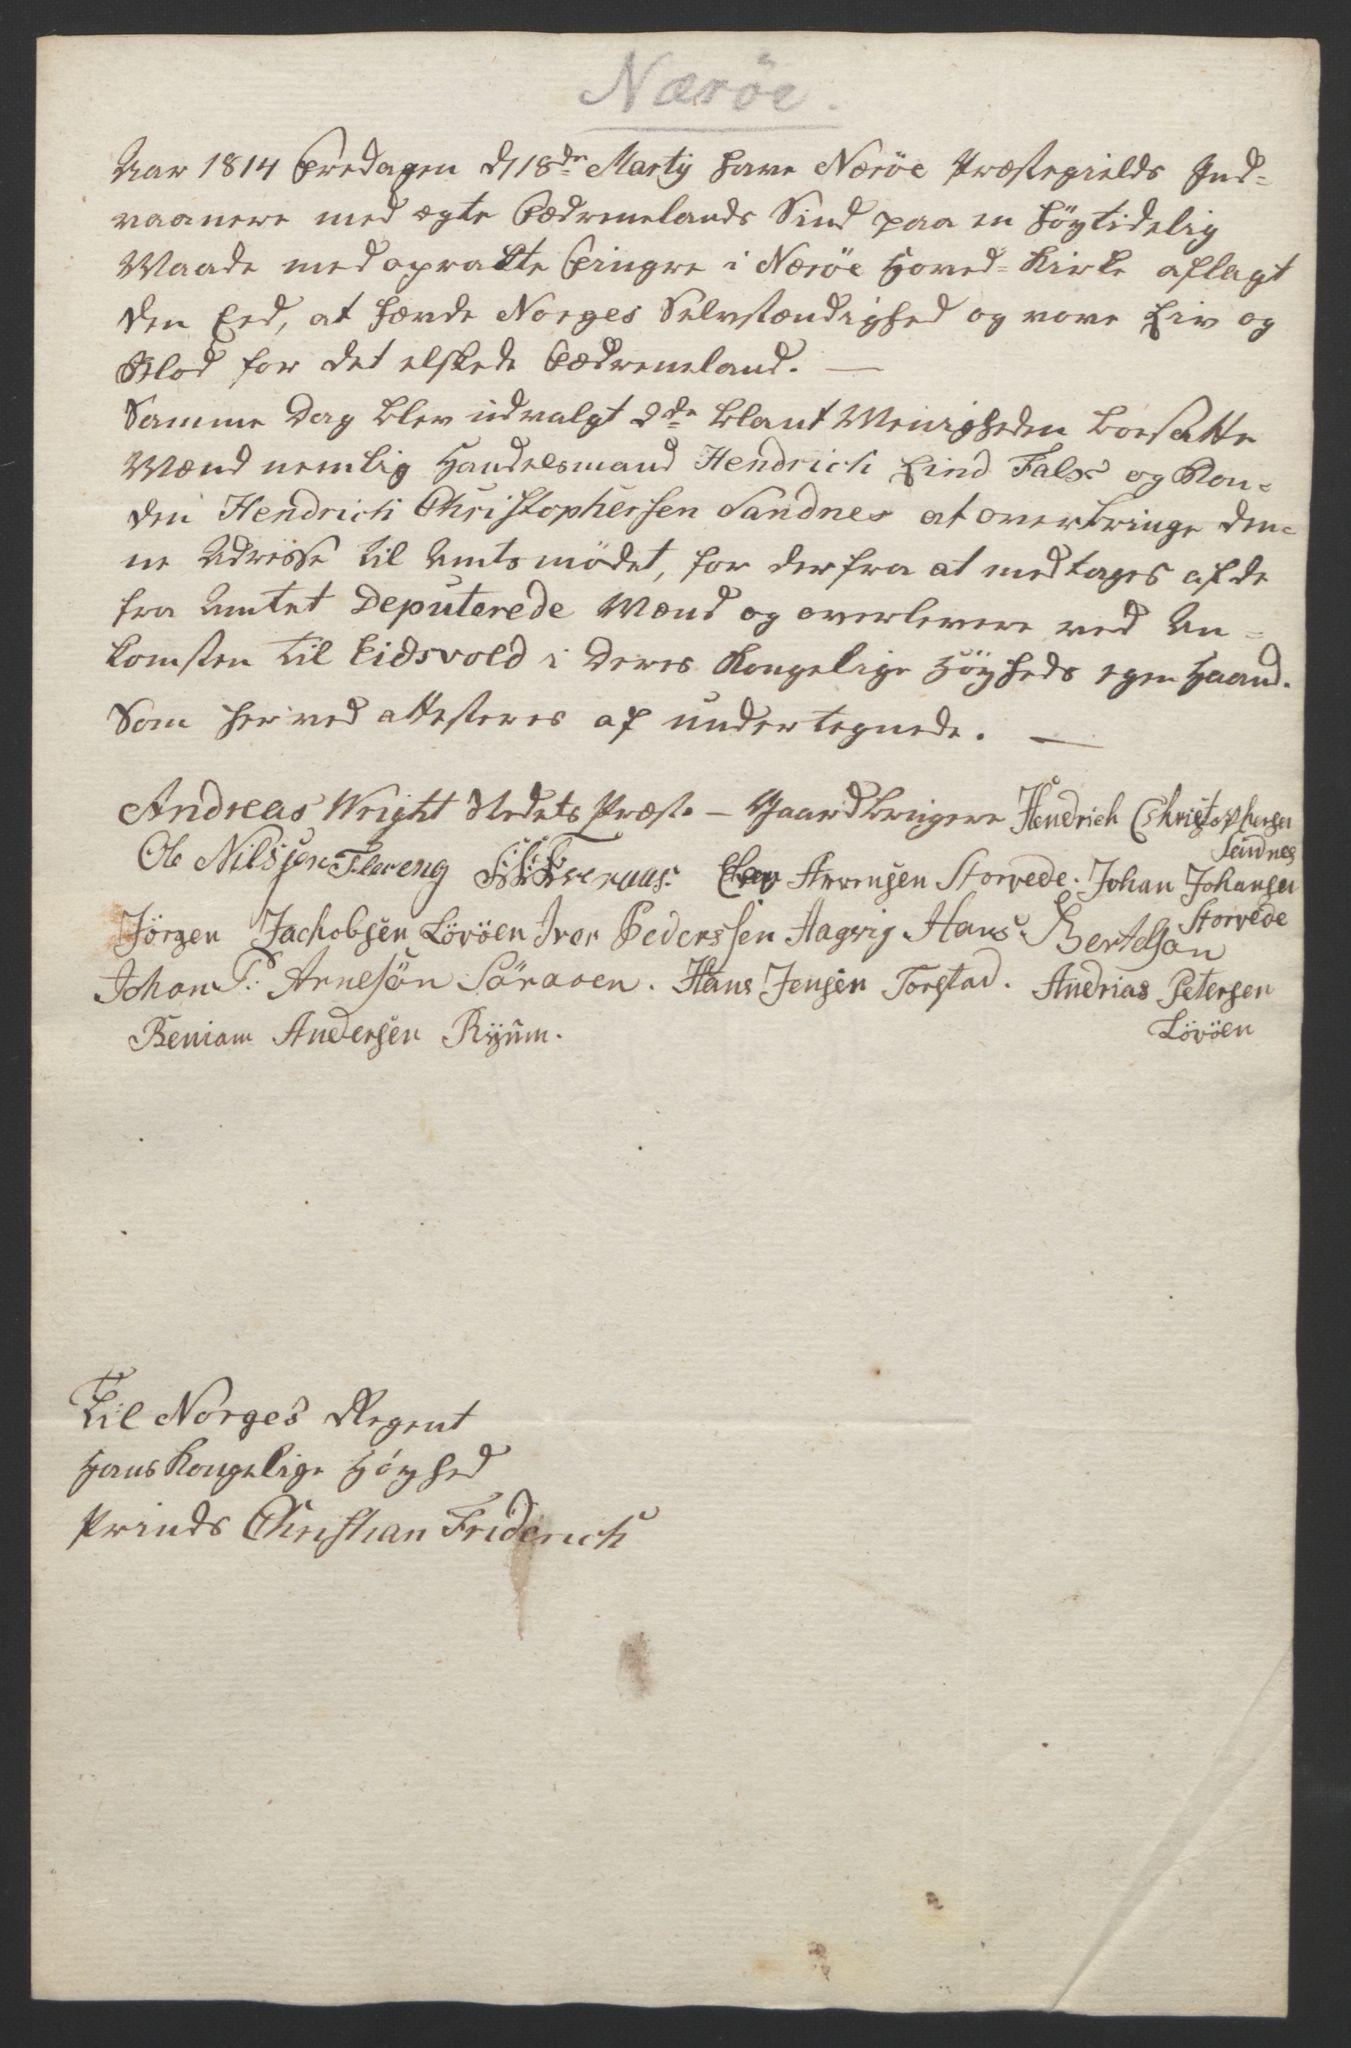 RA, Statsrådssekretariatet, D/Db/L0008: Fullmakter for Eidsvollsrepresentantene i 1814. , 1814, s. 472